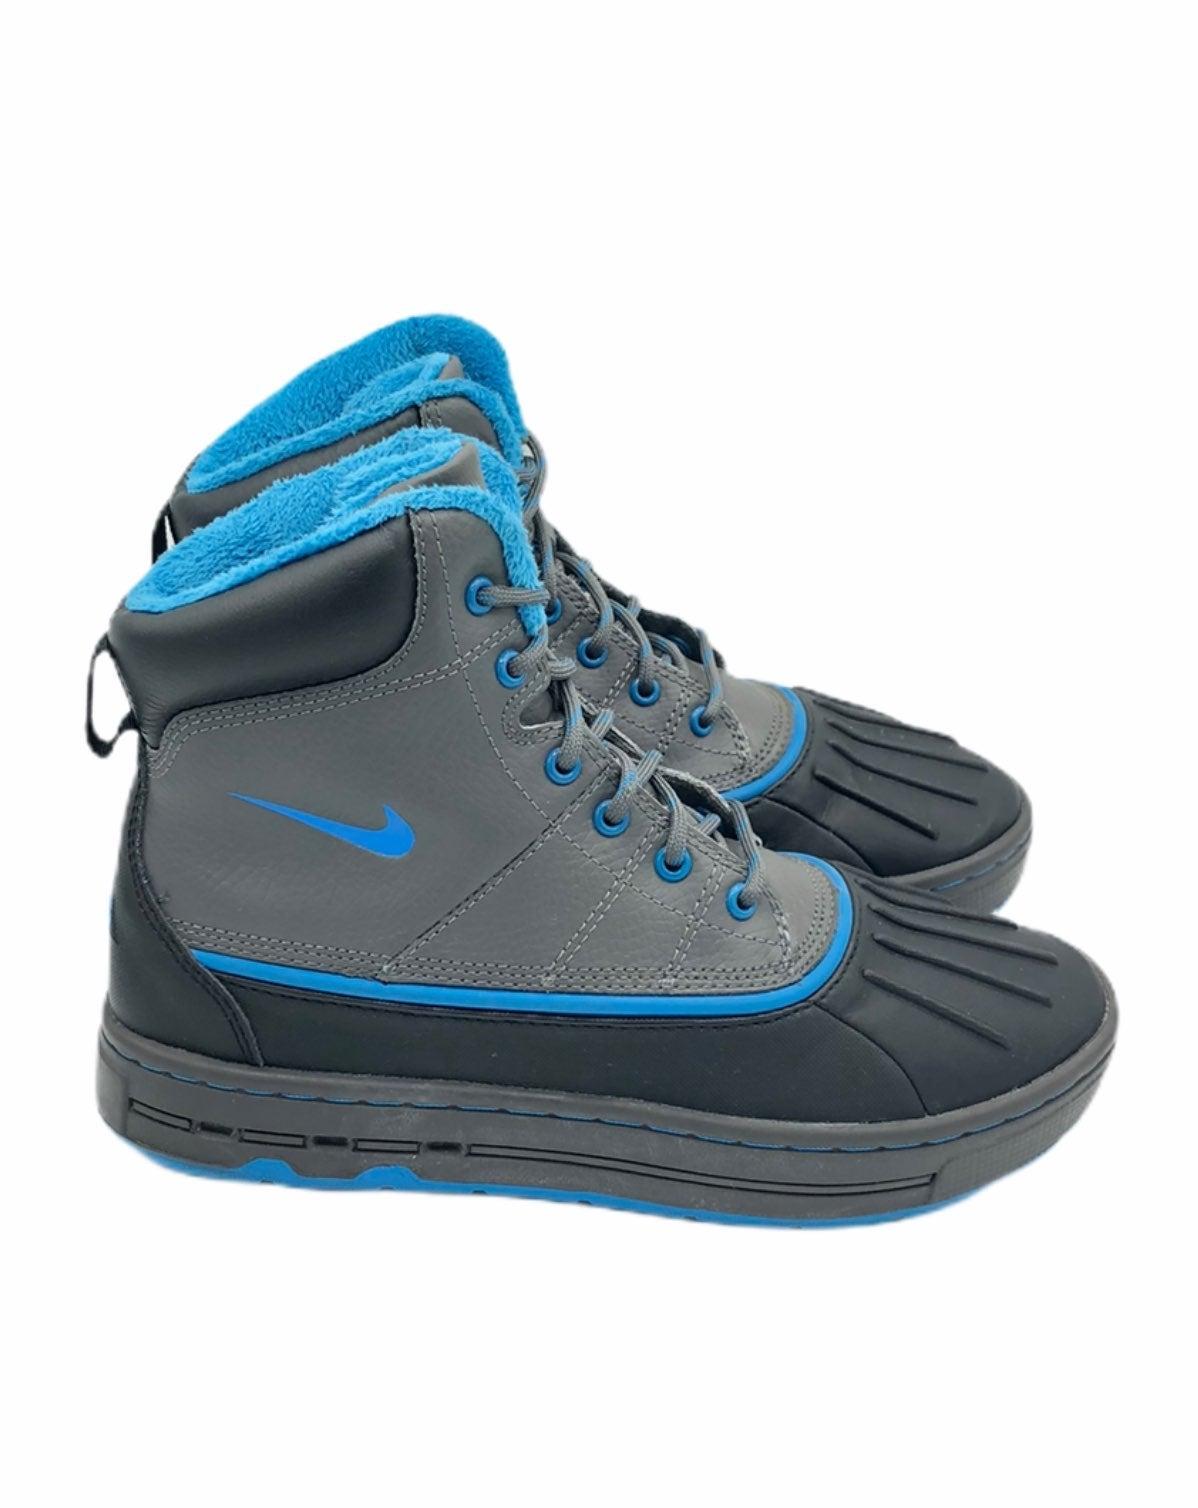 Nike Woodside GS Waterproof Boots